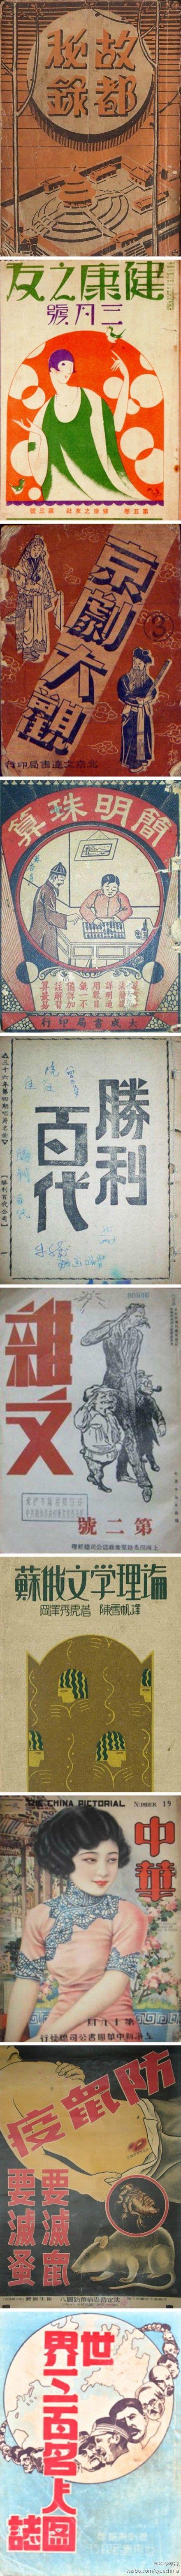 民国时期书籍封面的老字形分享,各具特色的老字形带你领略不一样的字形之美。